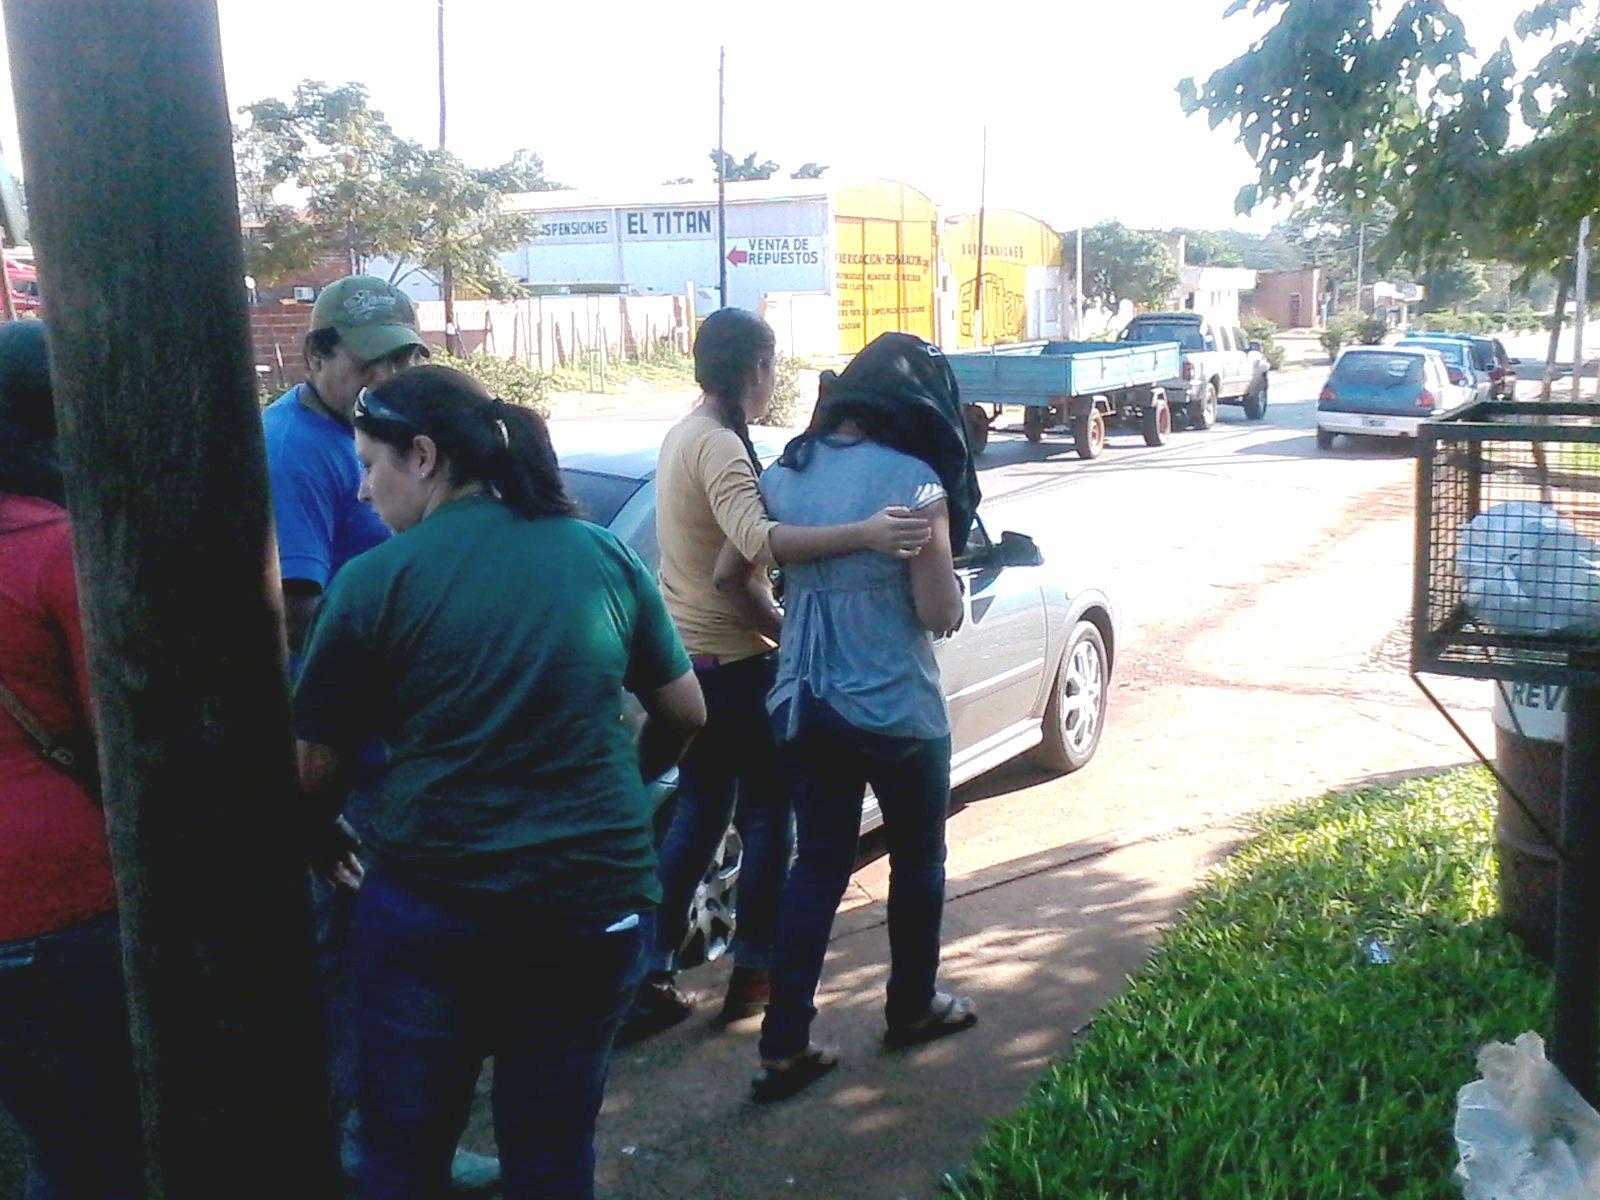 La joven de 22 años, con el rostro resguardado, es acompañada por la Policía.